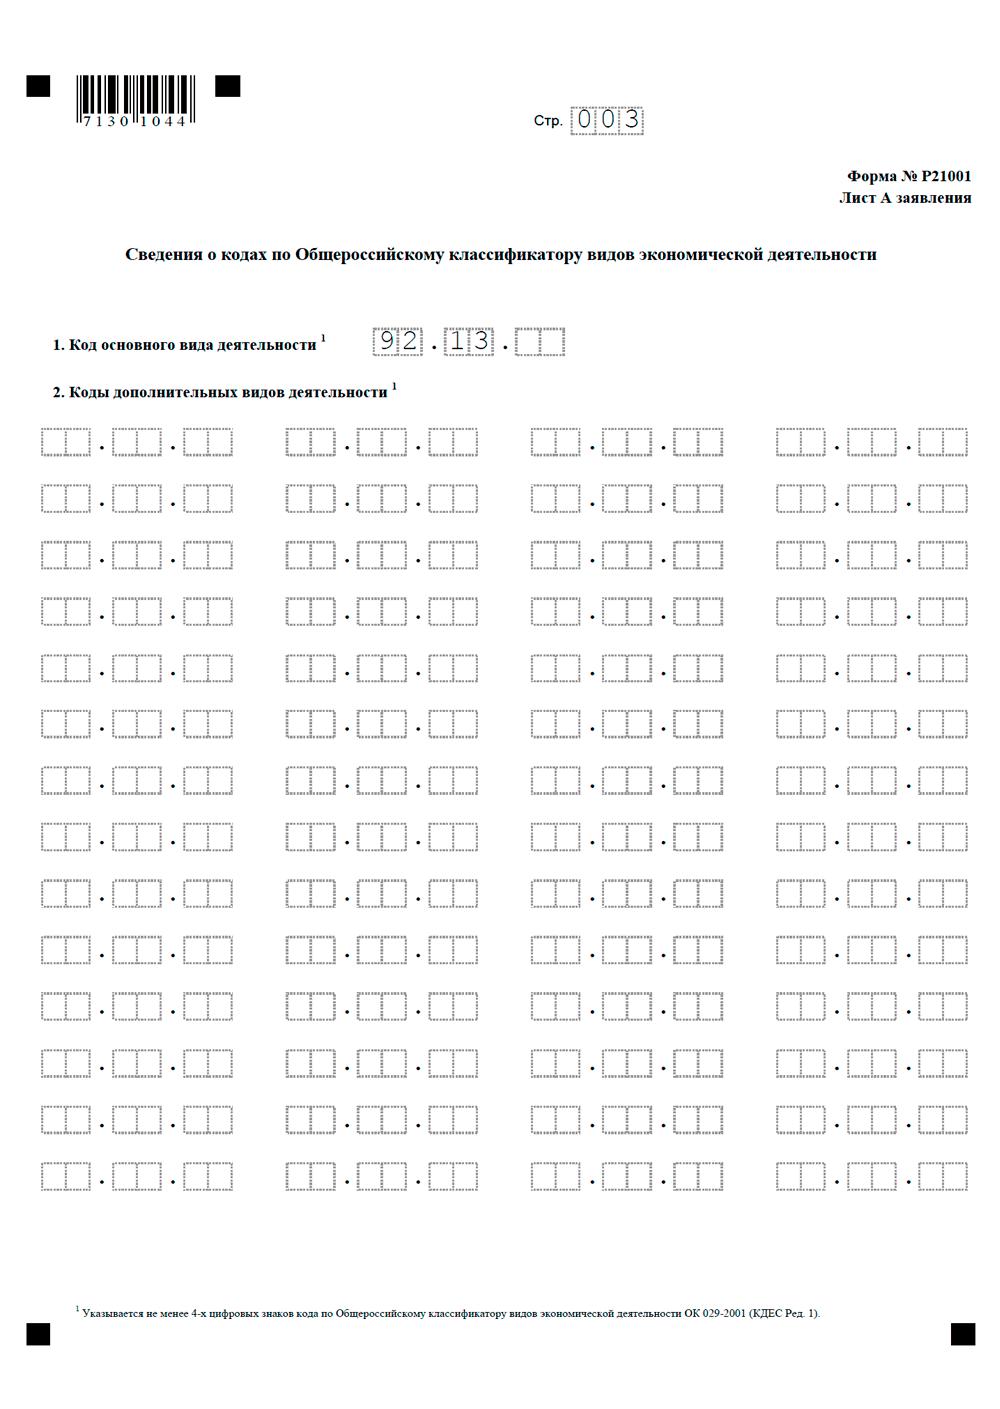 Коды видов деятельности для регистрации ип в ип псн после регистрации